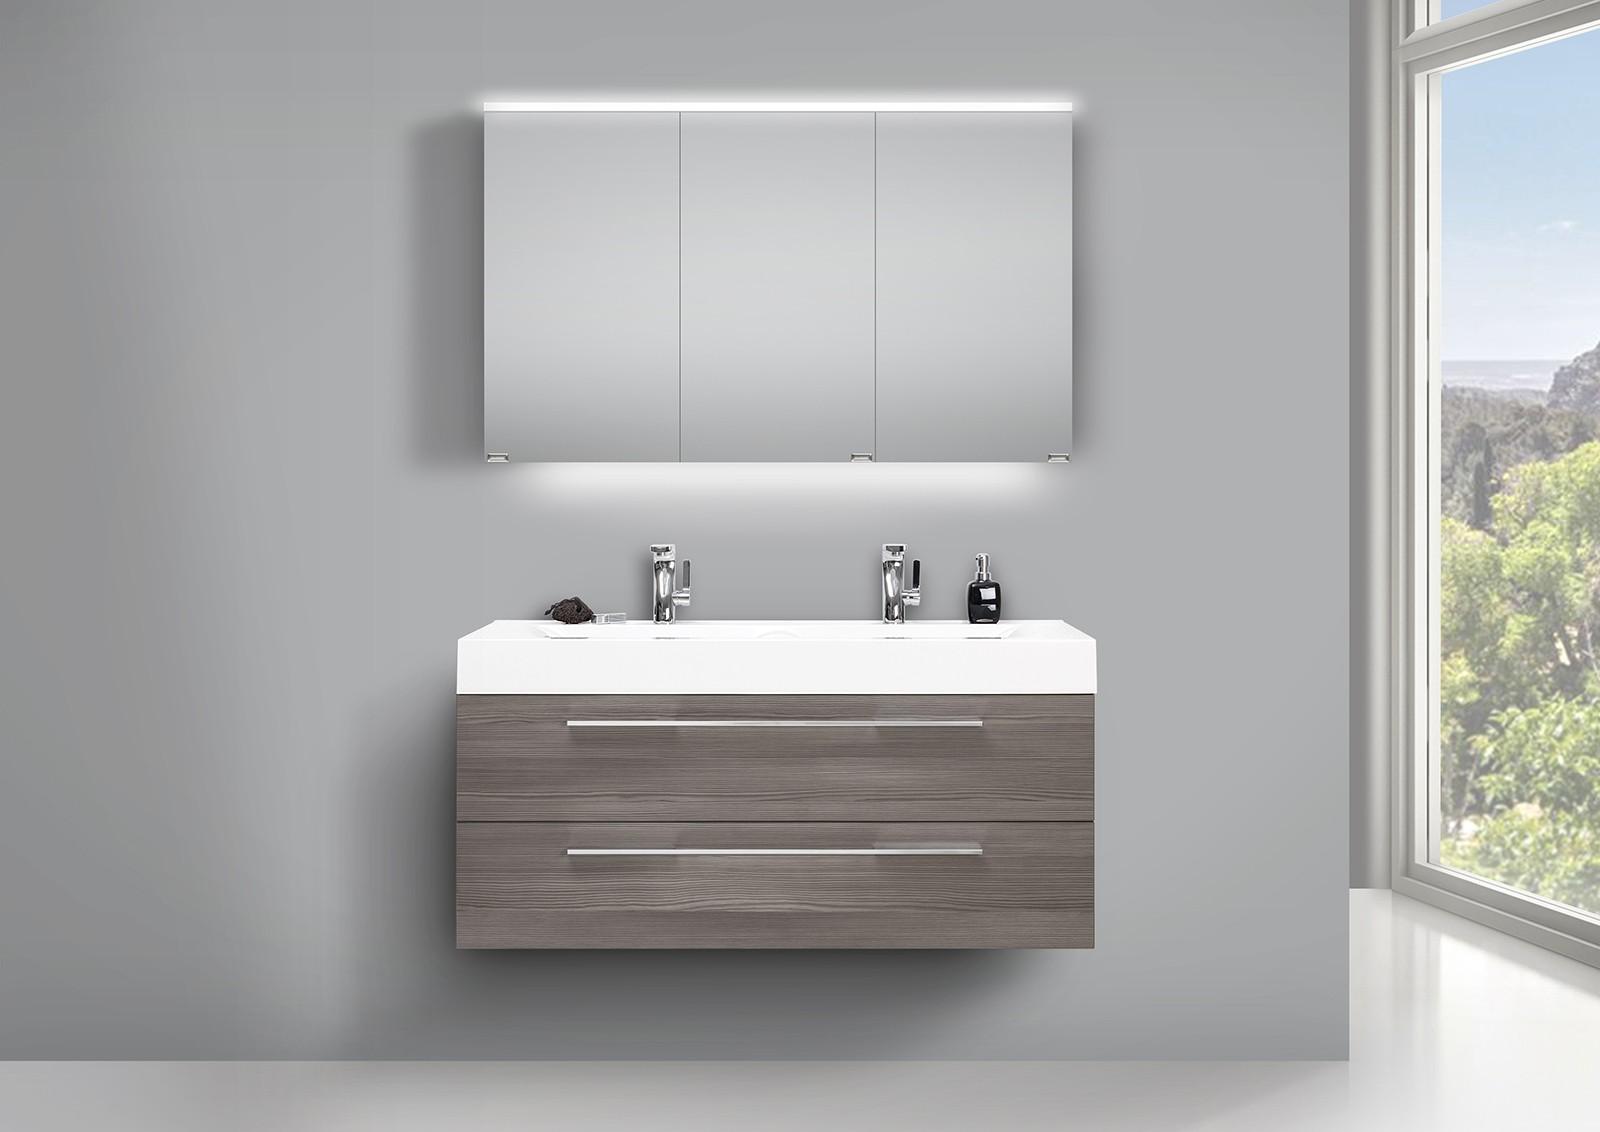 design doppelwaschtisch badezimmer set mit unterschrank und led spiegelschrank. Black Bedroom Furniture Sets. Home Design Ideas